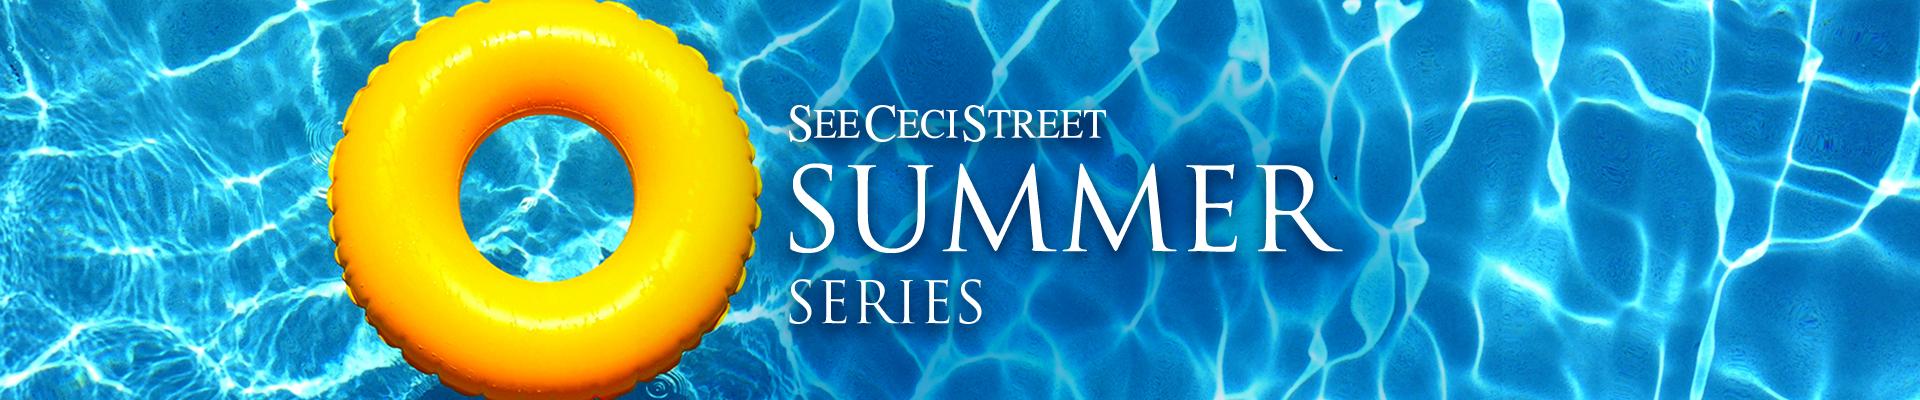 scs-main-banner-summer